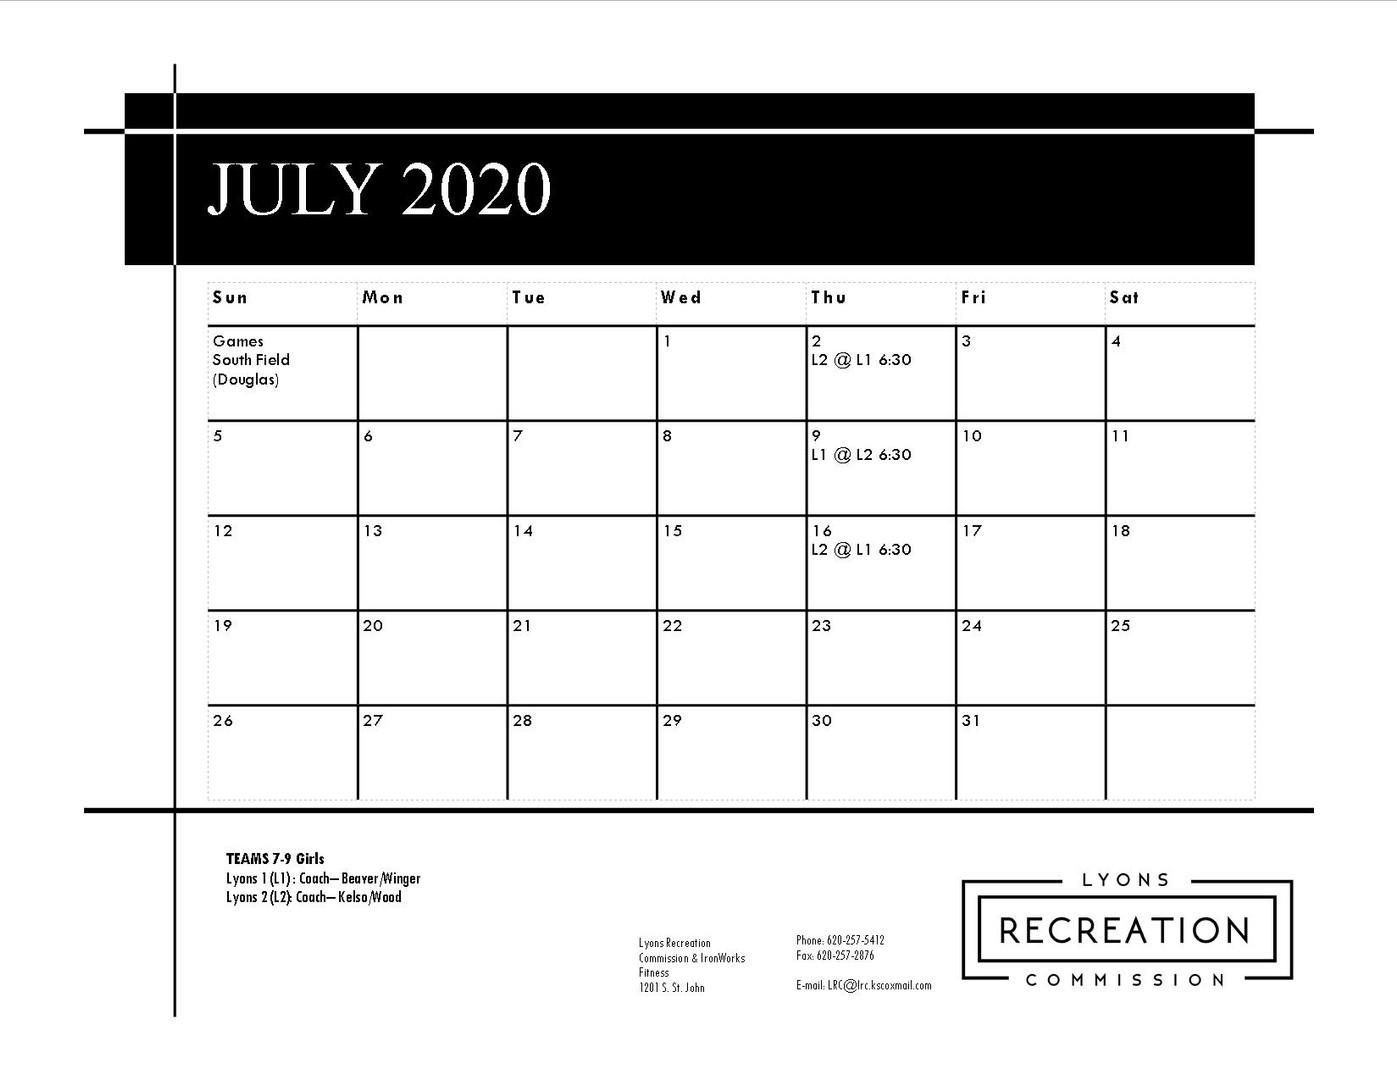 7-9 Girls '20 (July)